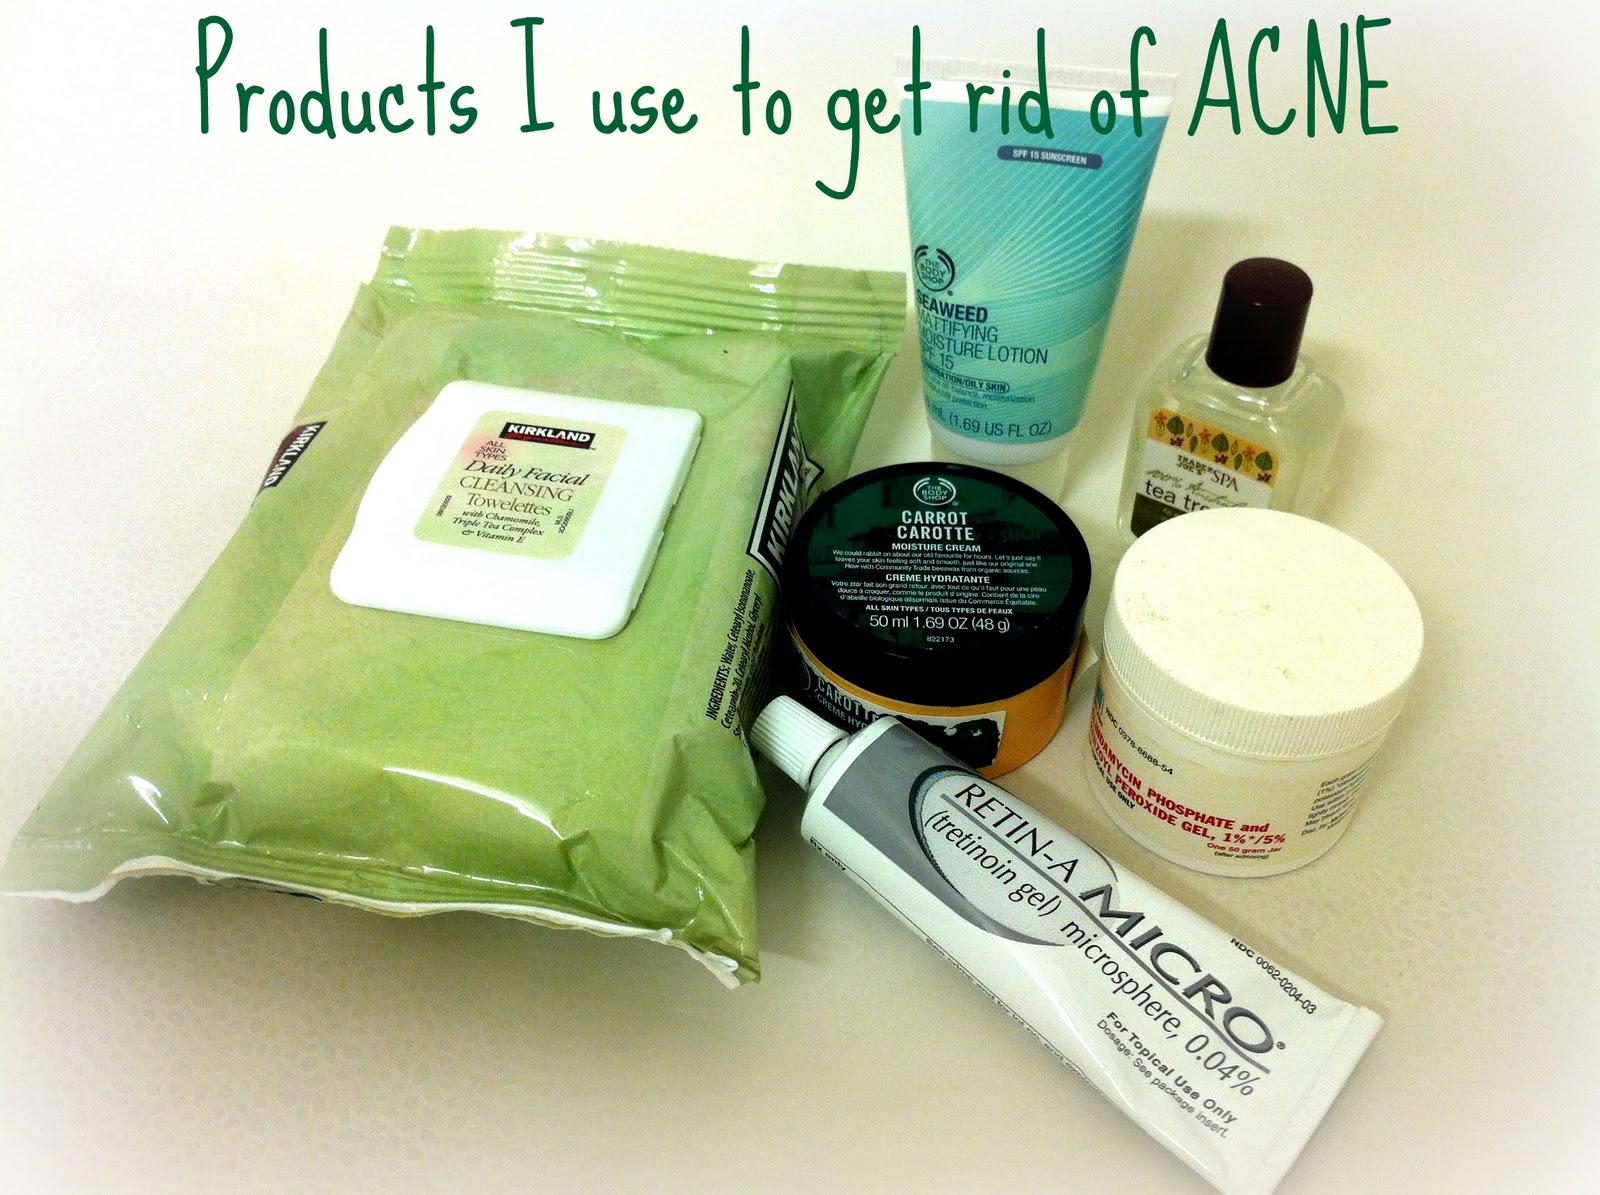 how to make acne go away